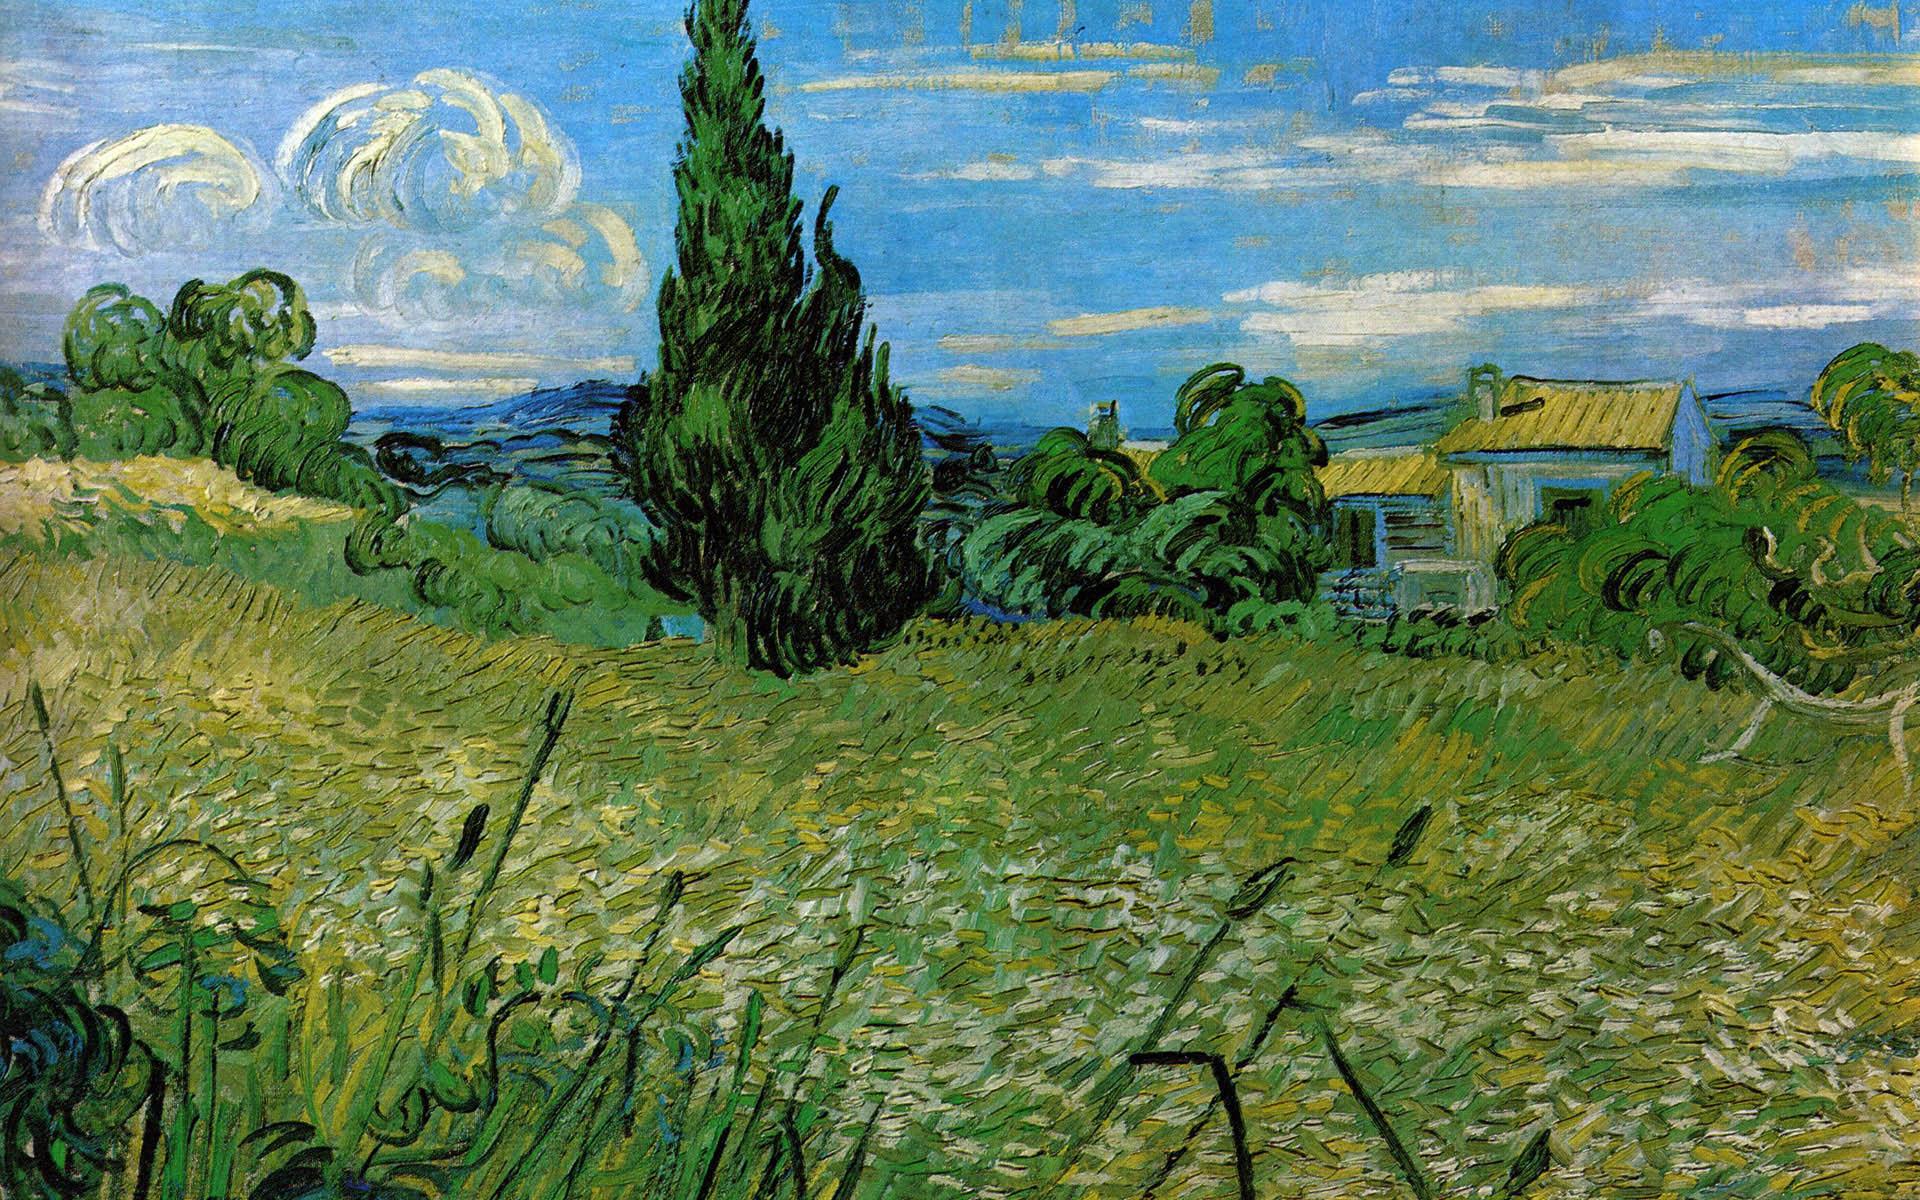 картина Пшеничное поле с кипарисами [ картина - пейзаж ] :: Ван Гог, описание картины, плюс статья про арт подарки - Van Gogh (Ван Гог) фото